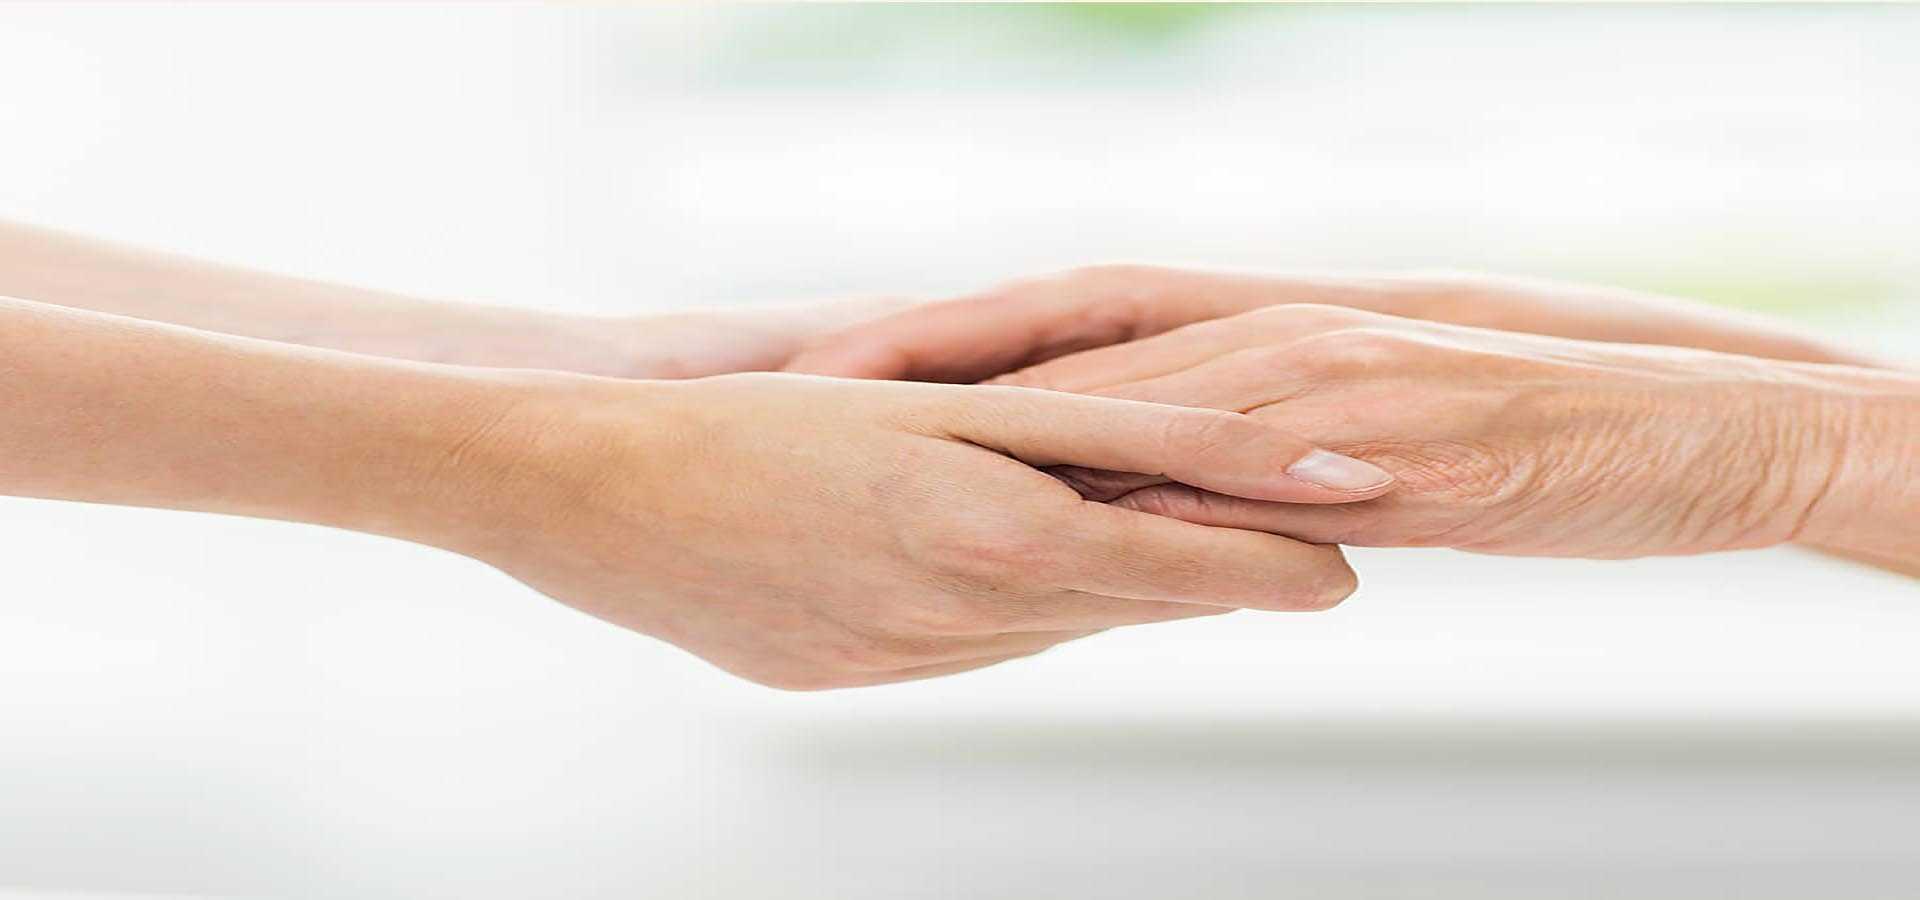 עקרונות ה-CBT ומיינדפולנס למטפלים/ות